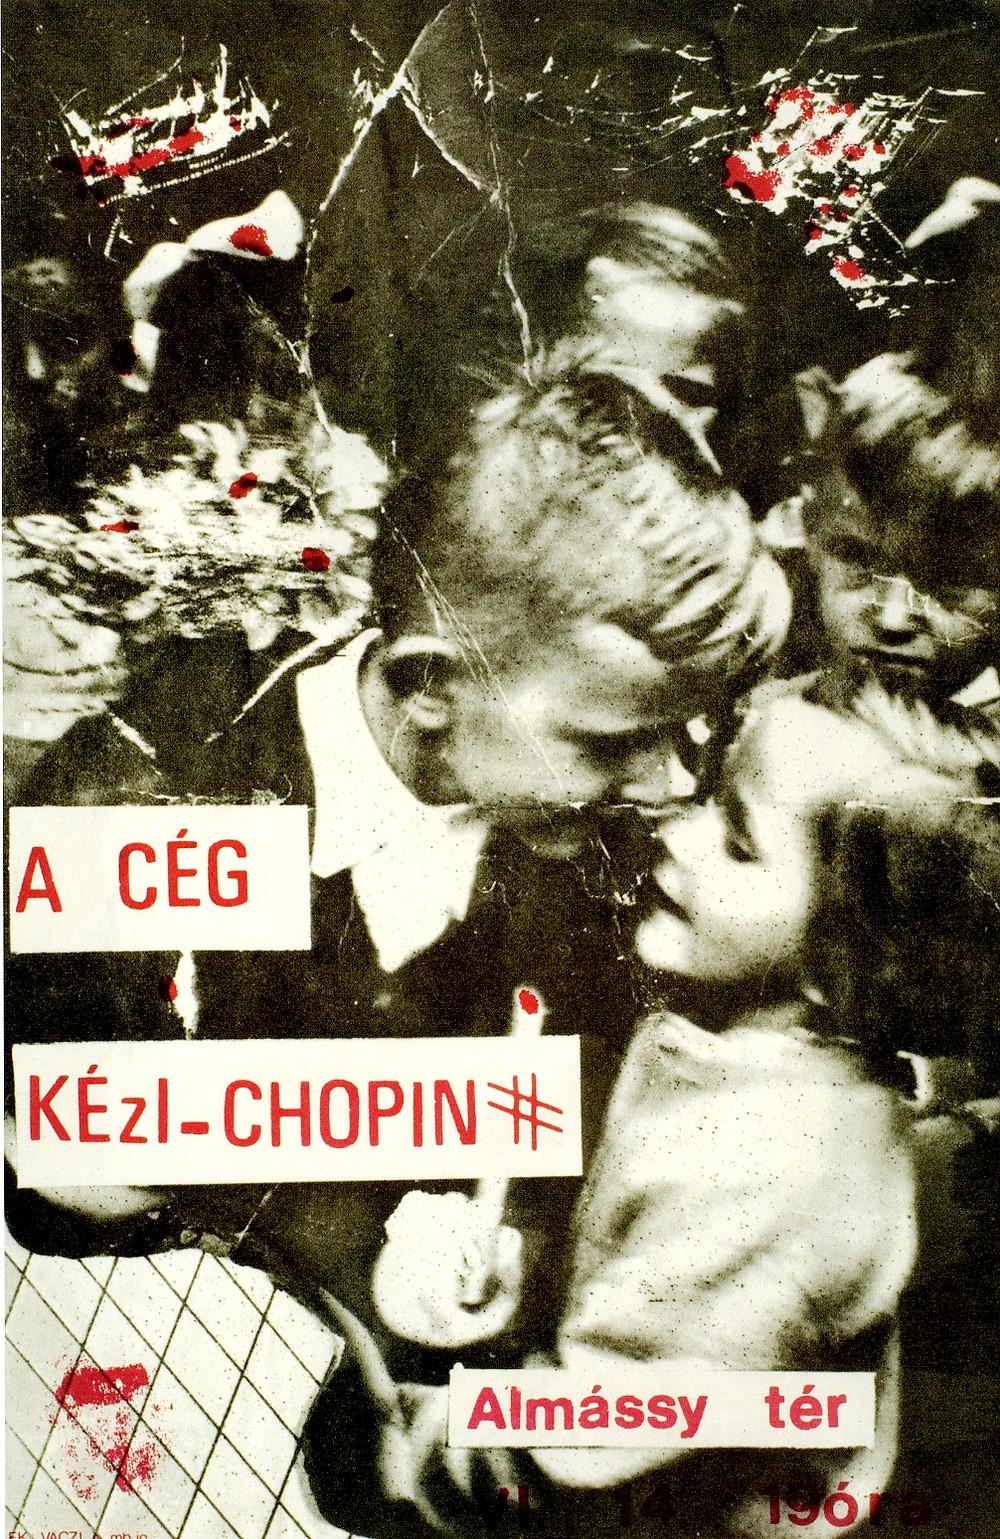 Kezi Chopin